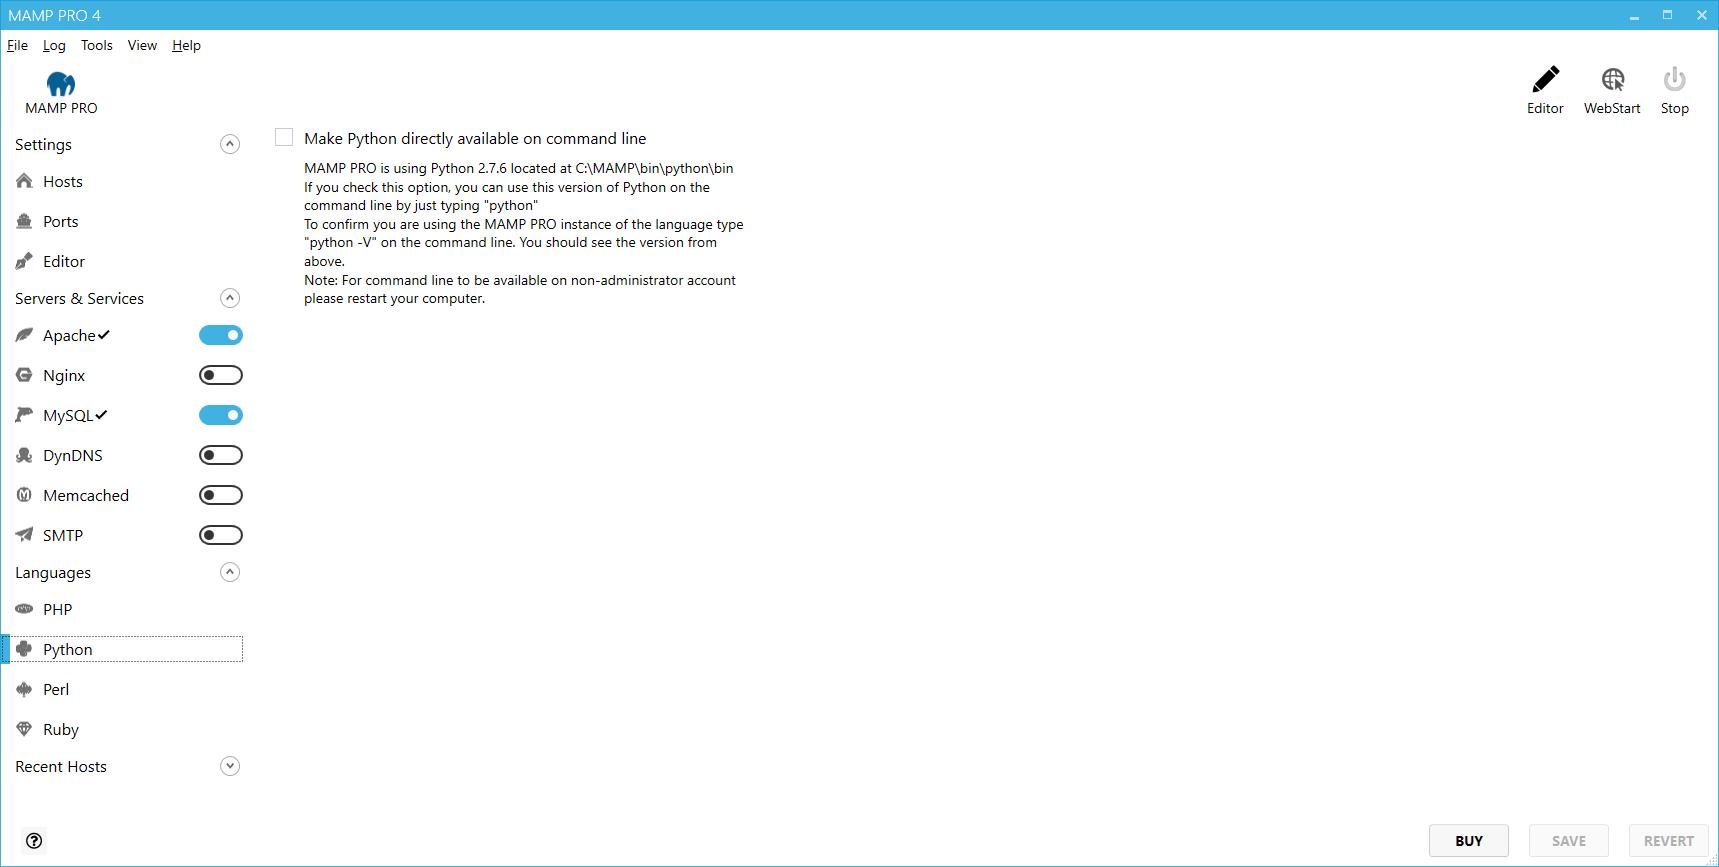 MAMP PRO (Windows) Documentation > Languages > Python